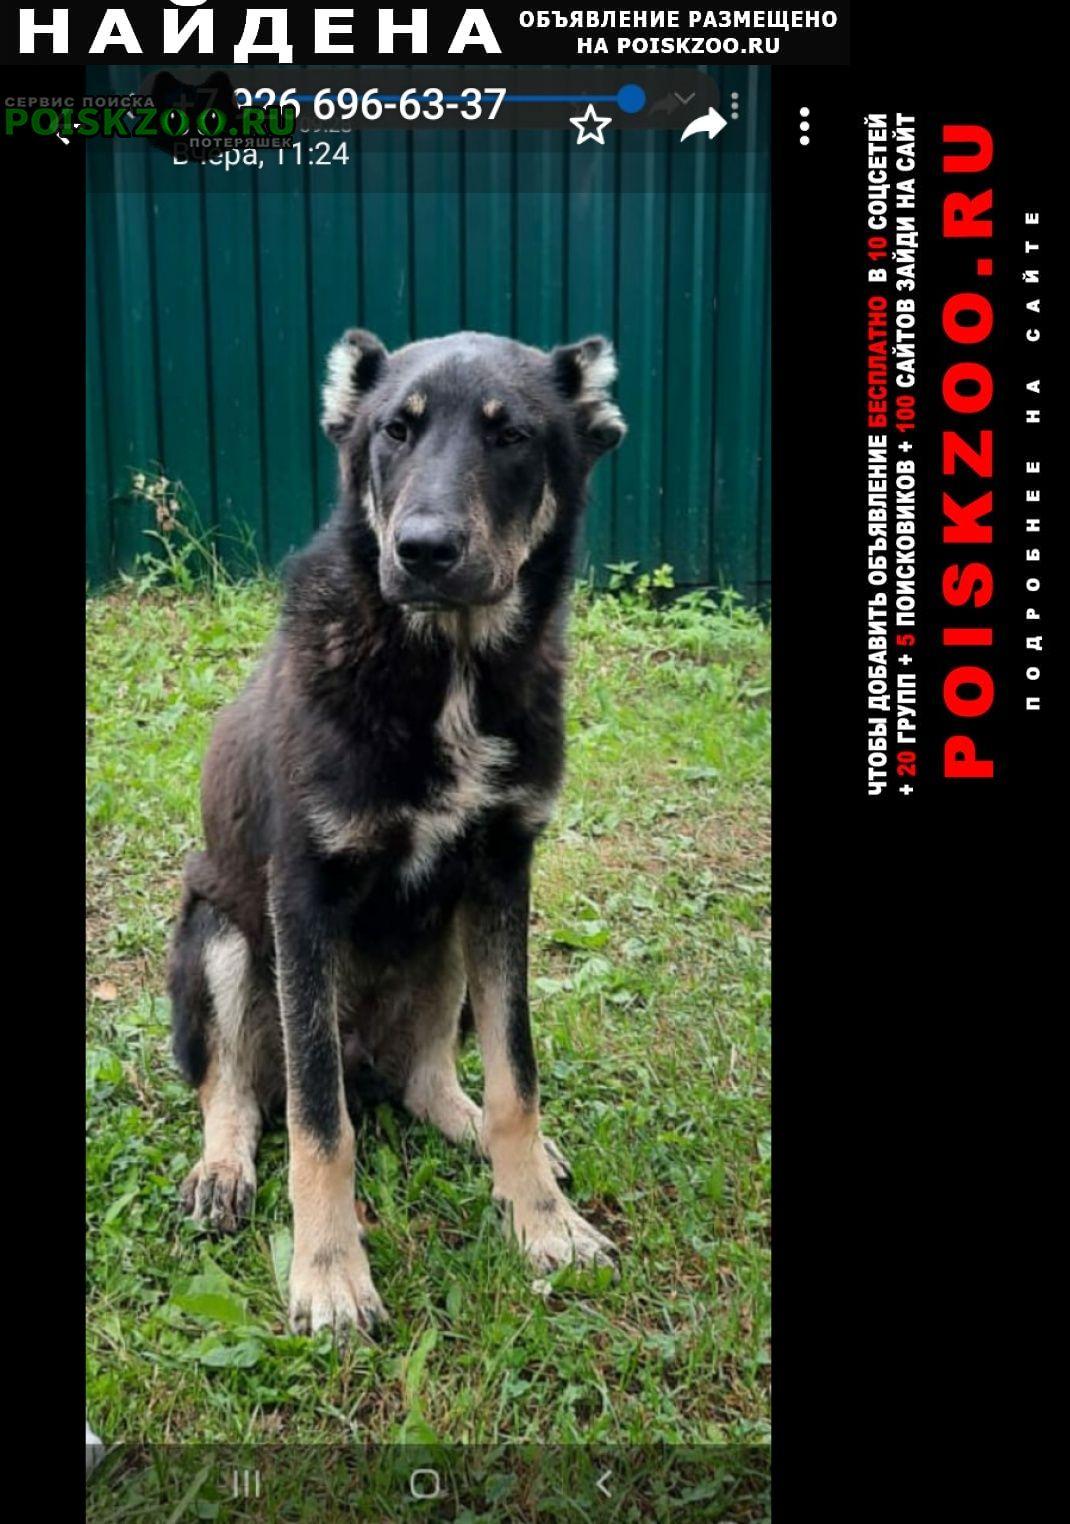 Найдена собака кобель алабай Александров